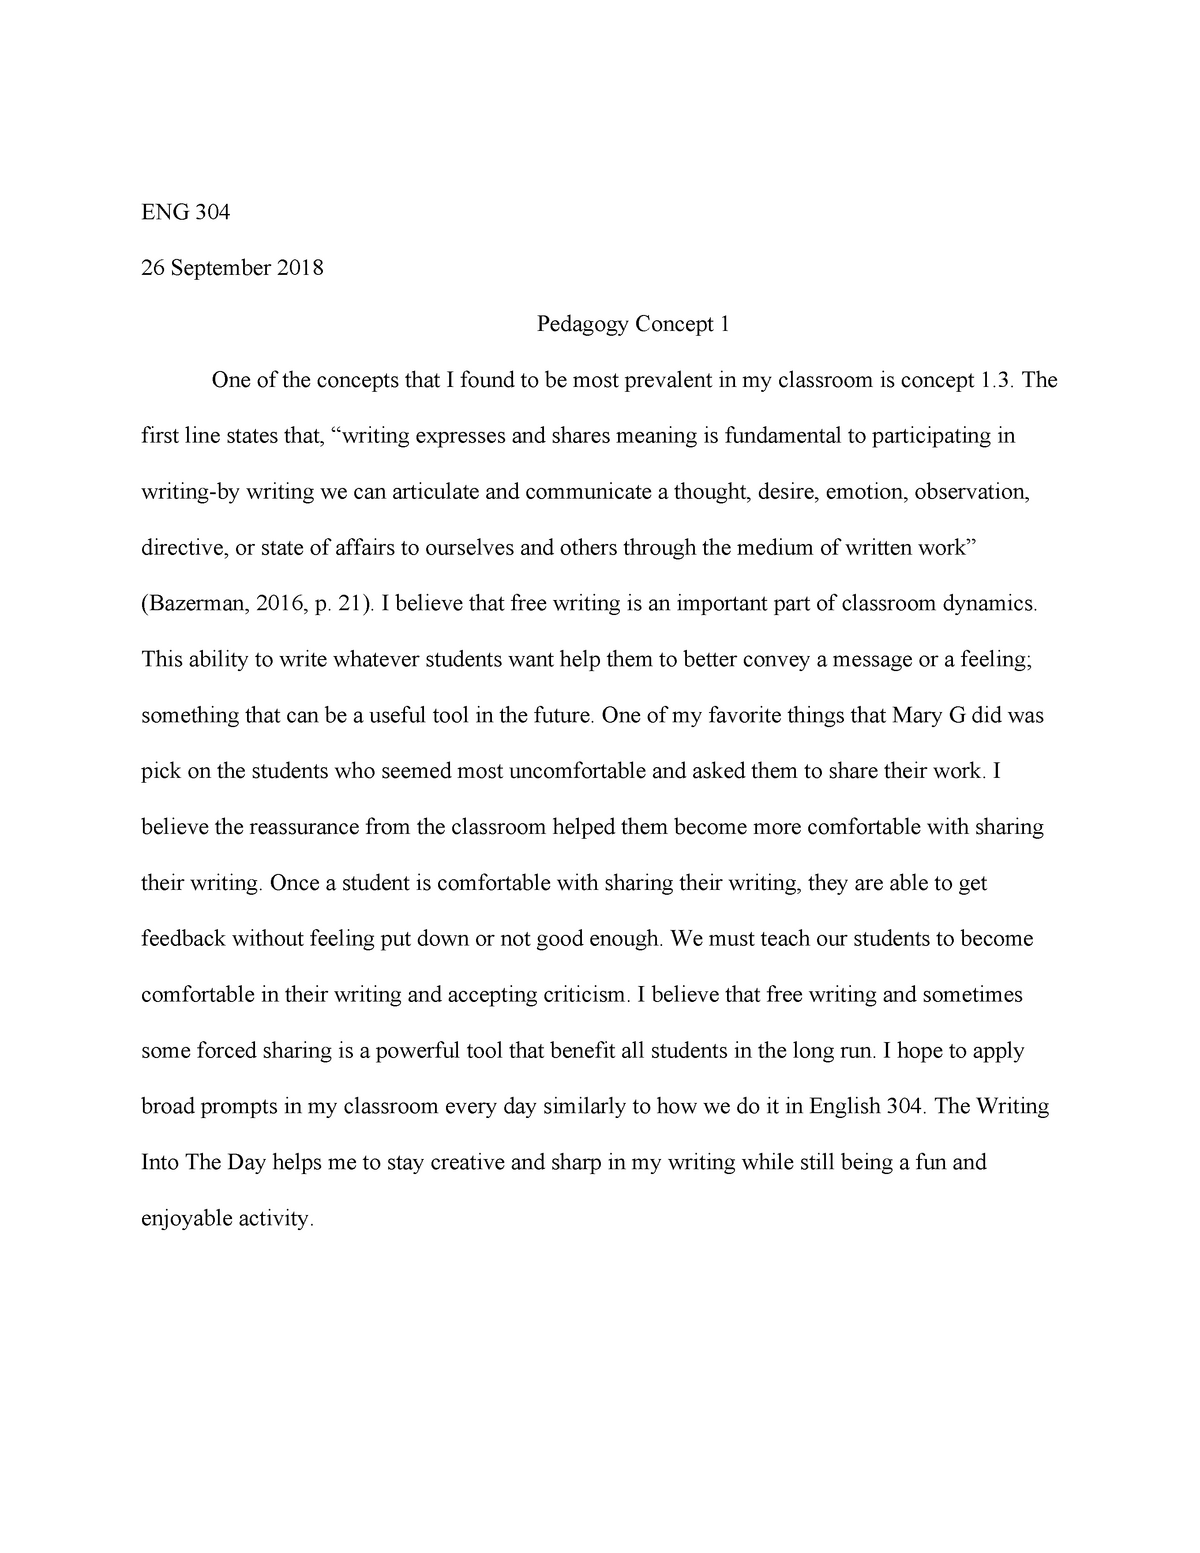 Pedagogy Concept - Grade: A - ENG 304: Bckgrnds Comp Theory & Resrch